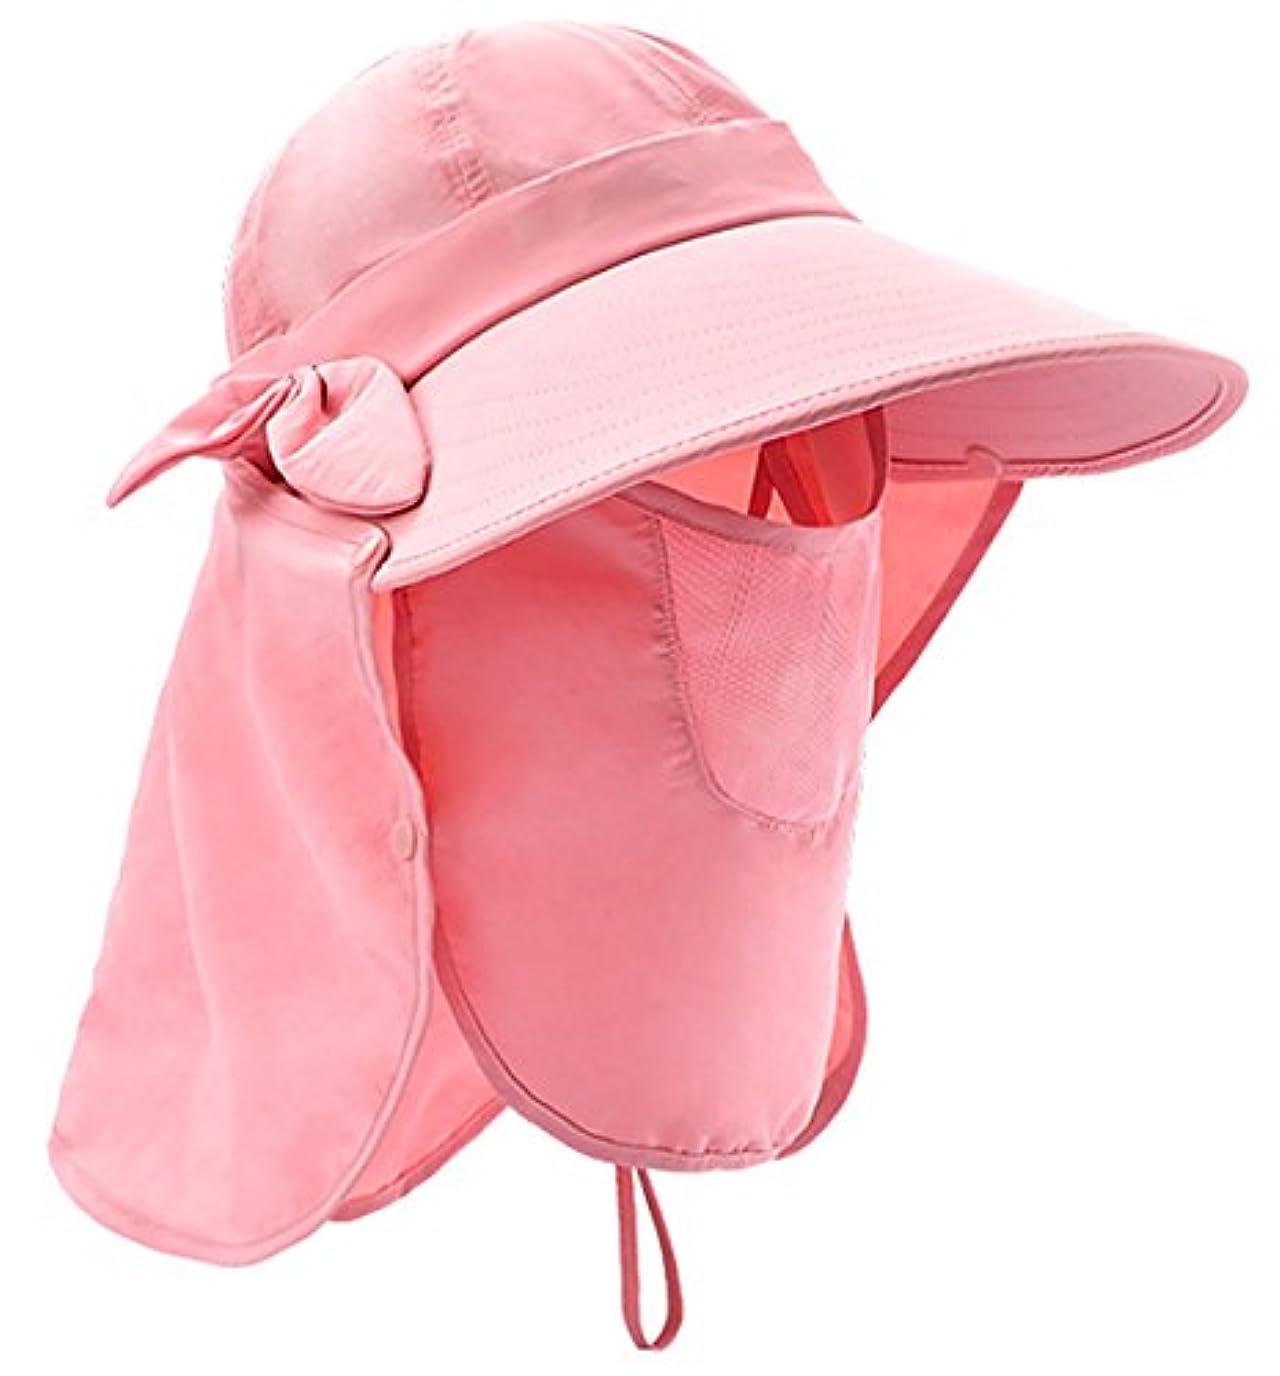 確認する守る飼料Panegyレディースサンハットアウトドア夏キャンプ釣りビーチ帽子キャップネックコード付き360 ¡ ã UPF 50 +